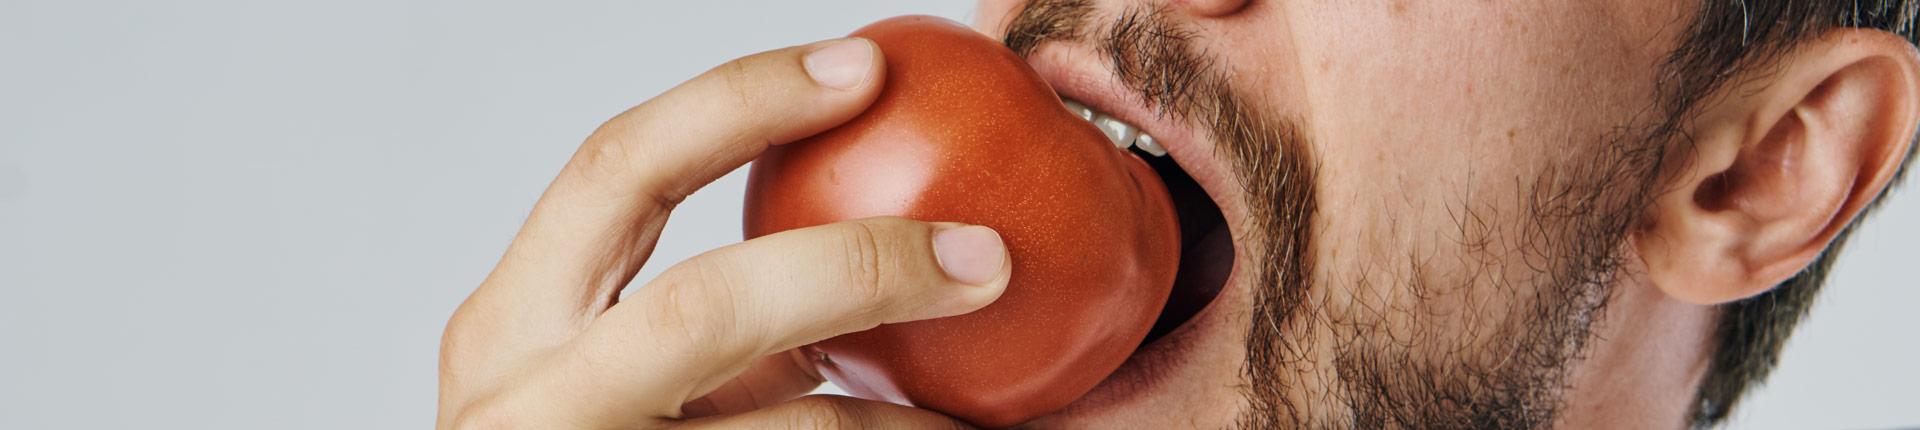 6 zdrowych produktów, które możesz spożywać niewłaściwie